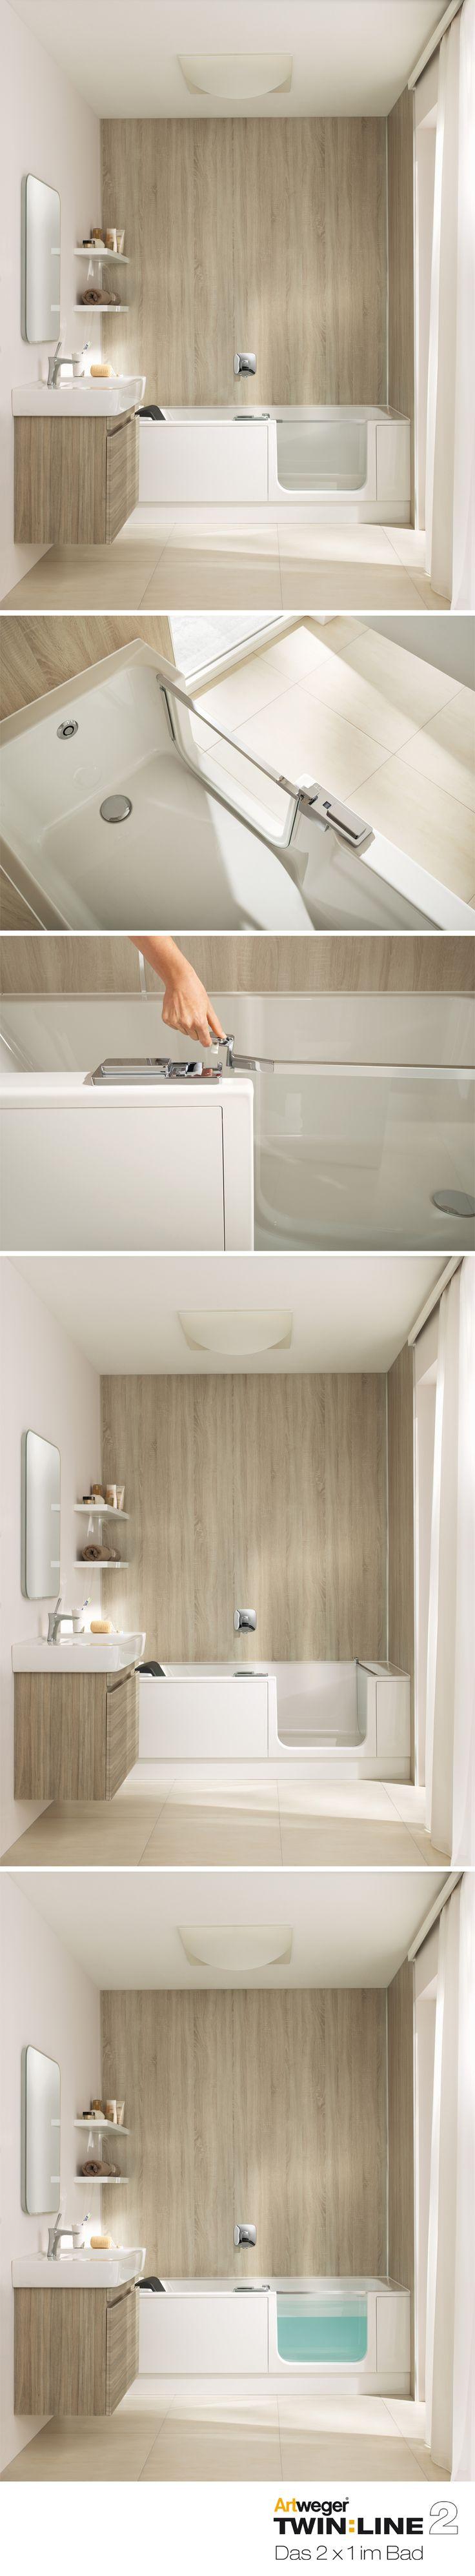 Stylisches Minibad mit Komfort TWINLINE 2 mit Badewannentür für einen bequemen Einstieg in Wanne